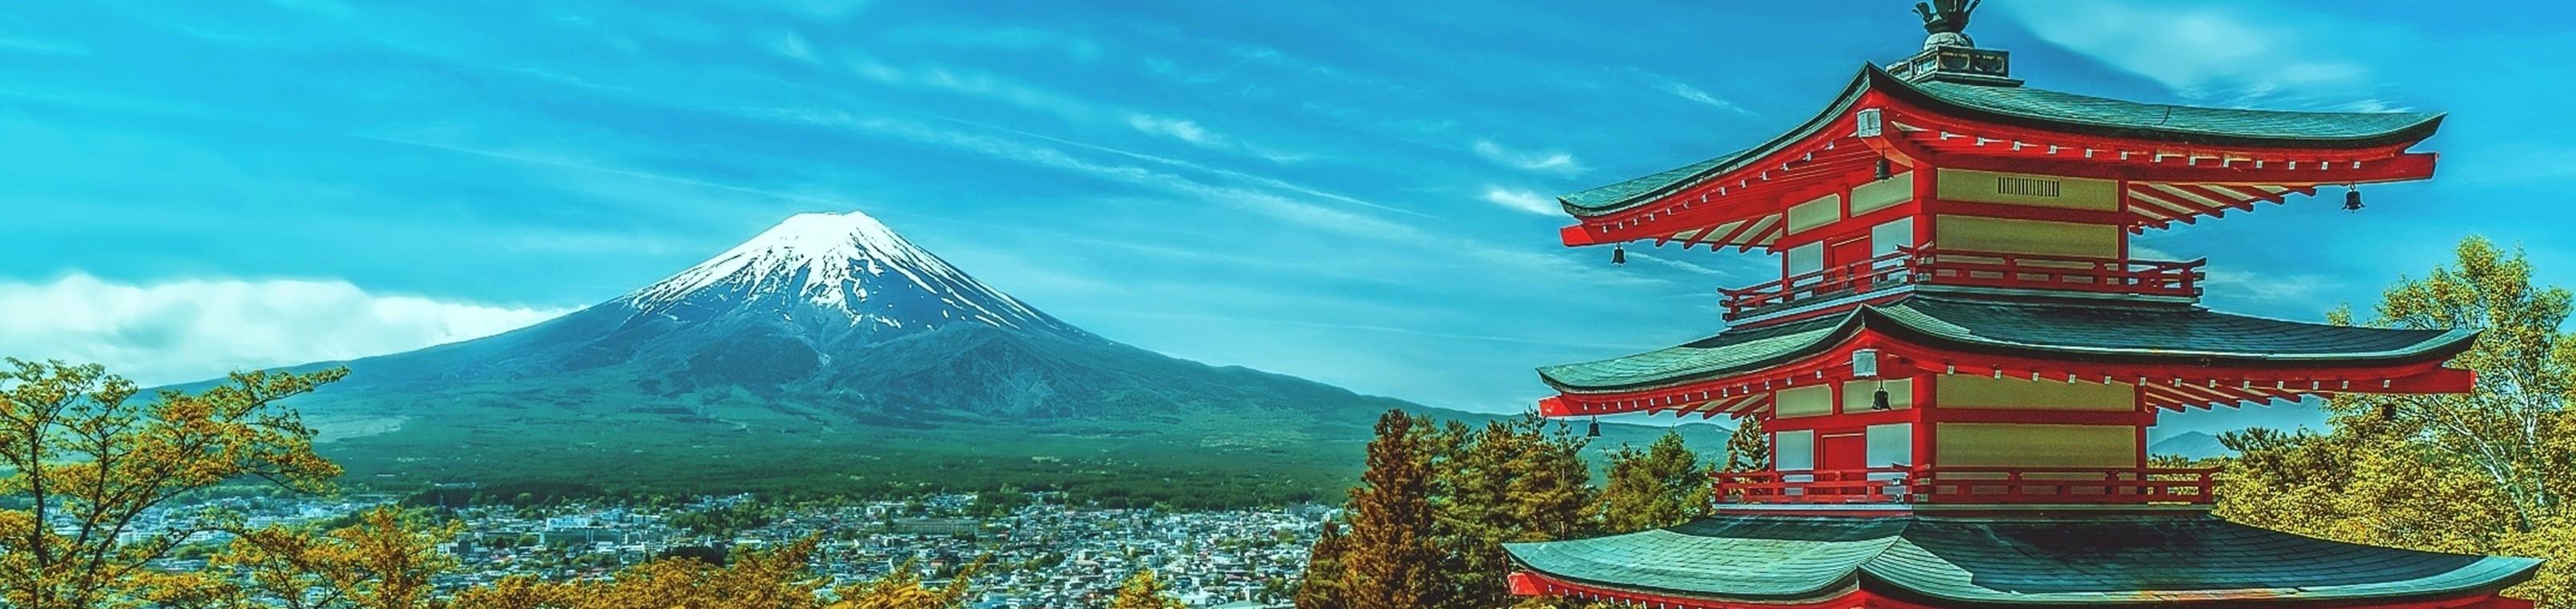 Landeninformatie Japan